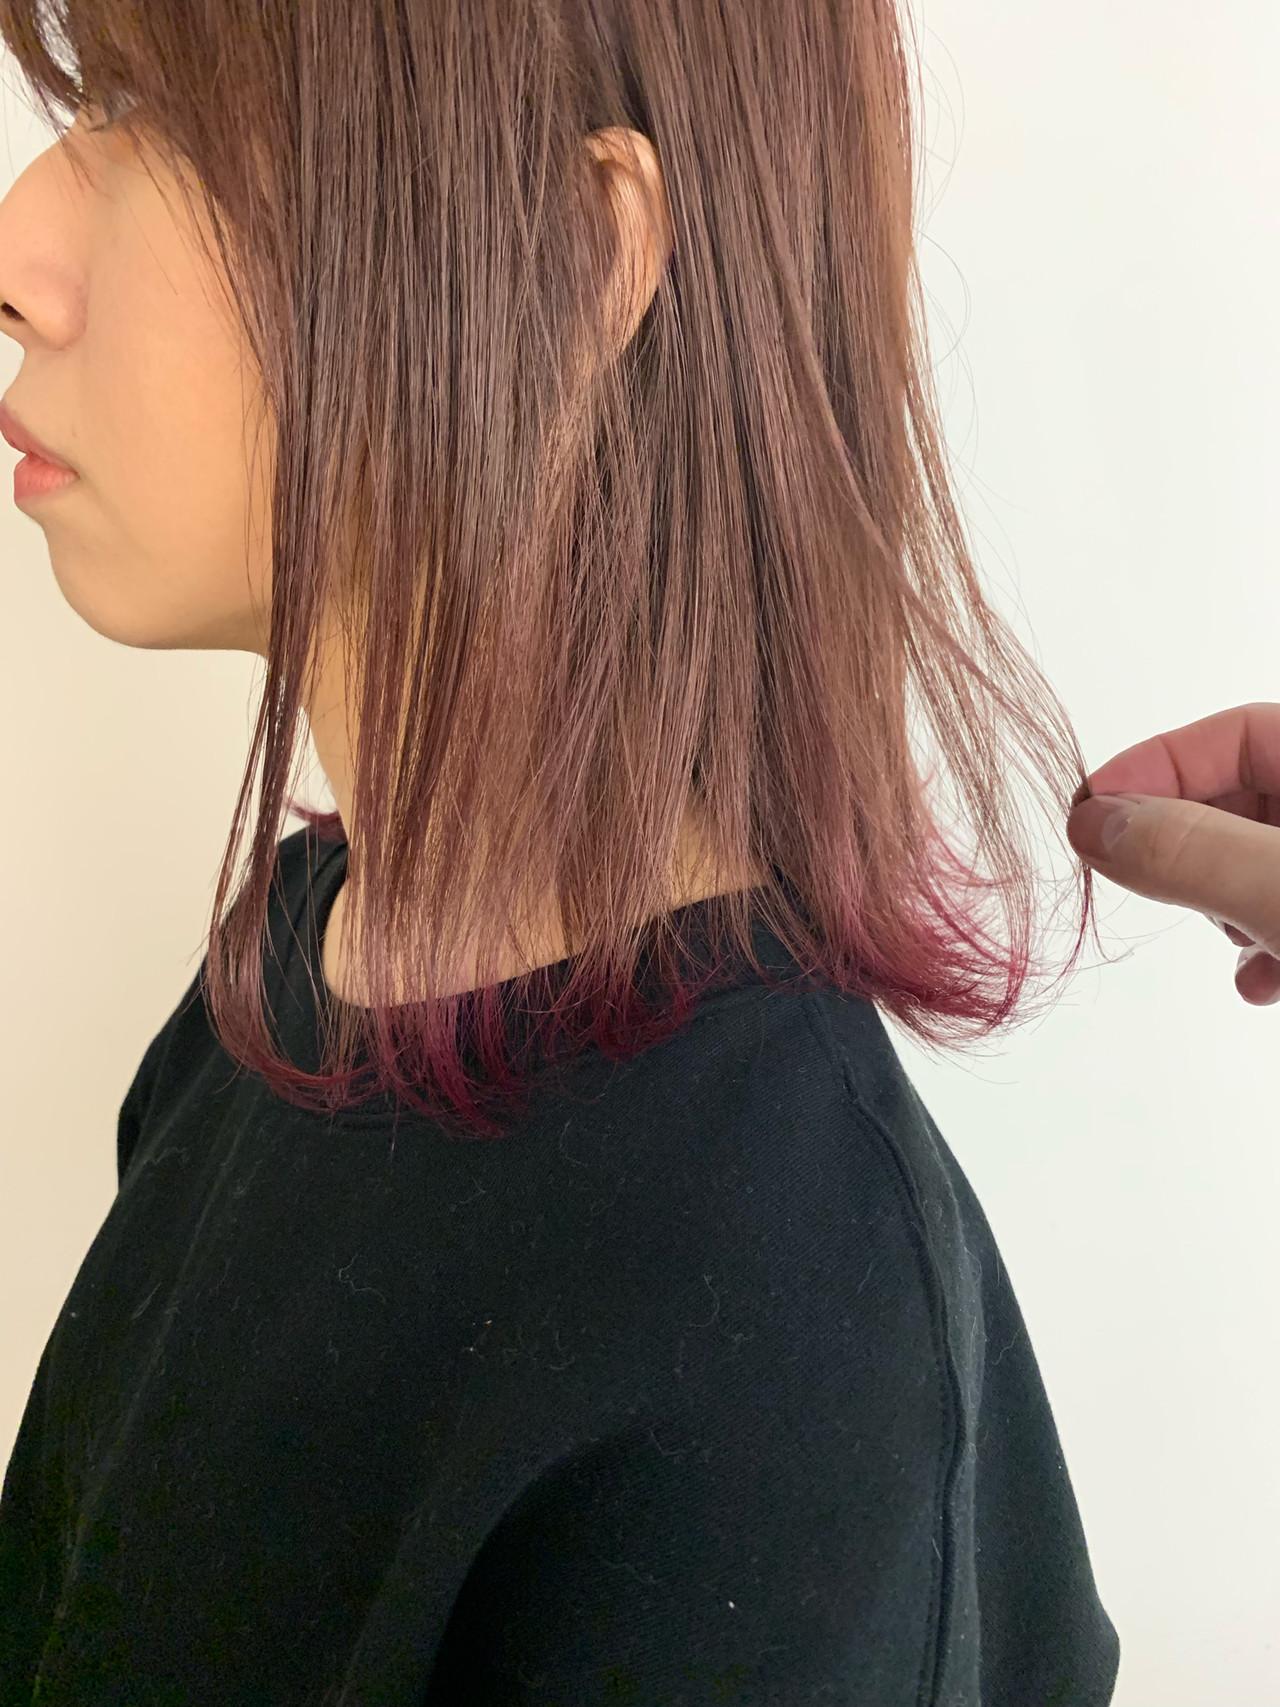 ミディアム ラベンダーピンク ベリーピンク ピンク ヘアスタイルや髪型の写真・画像 | MORNING.miya/@1031miya / HAIR MORNING.